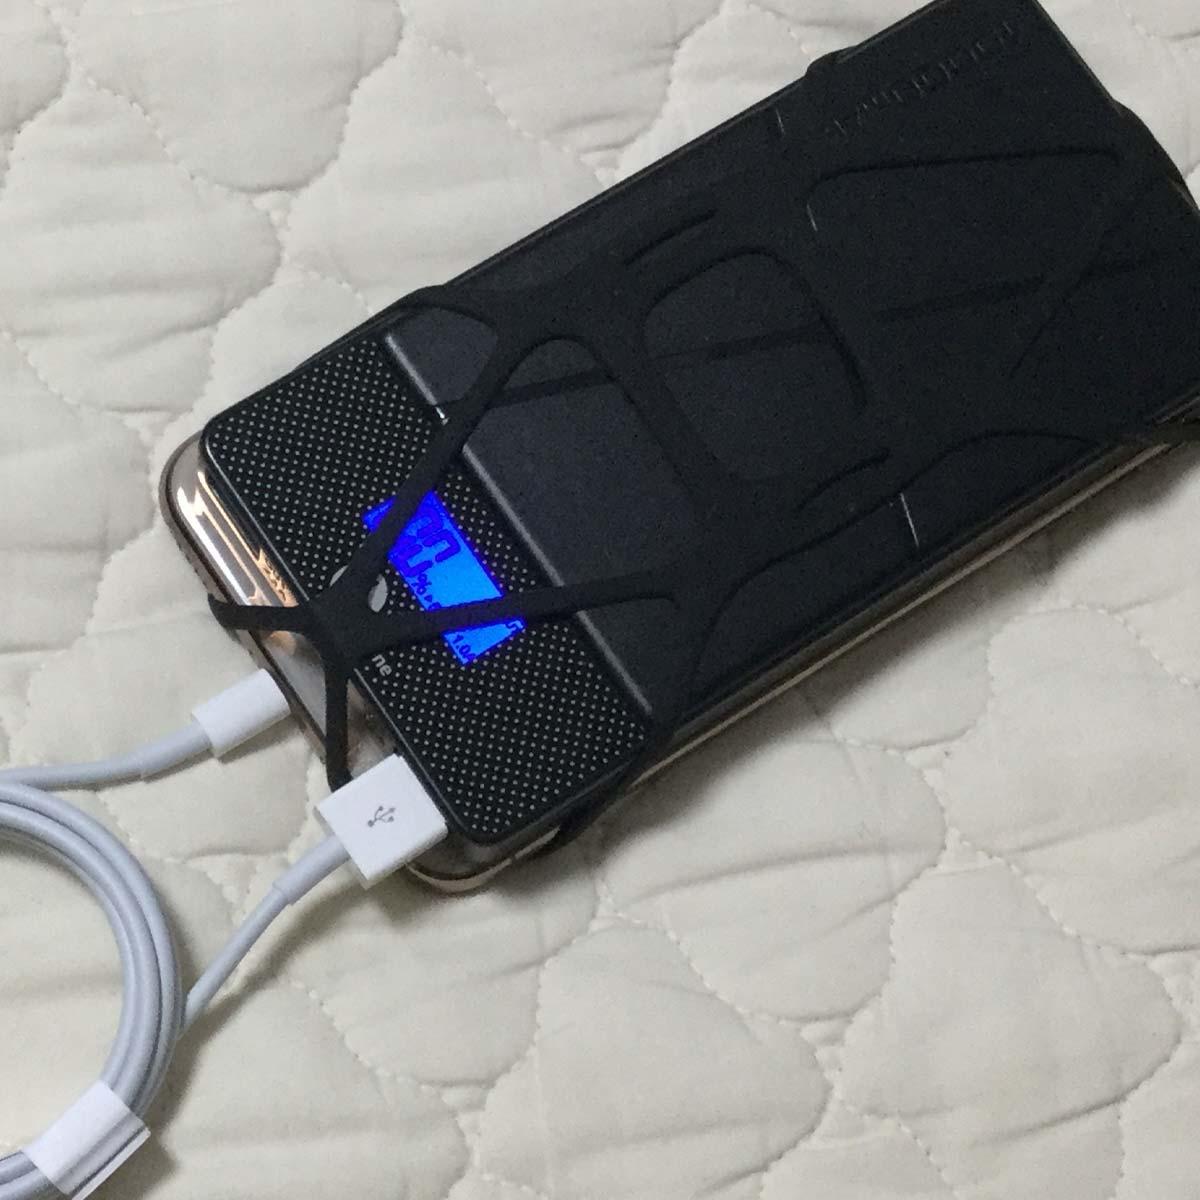 """スマホとバッテリーは""""束ねて""""GO! 「X-GRIP」で快適モバイル生活"""